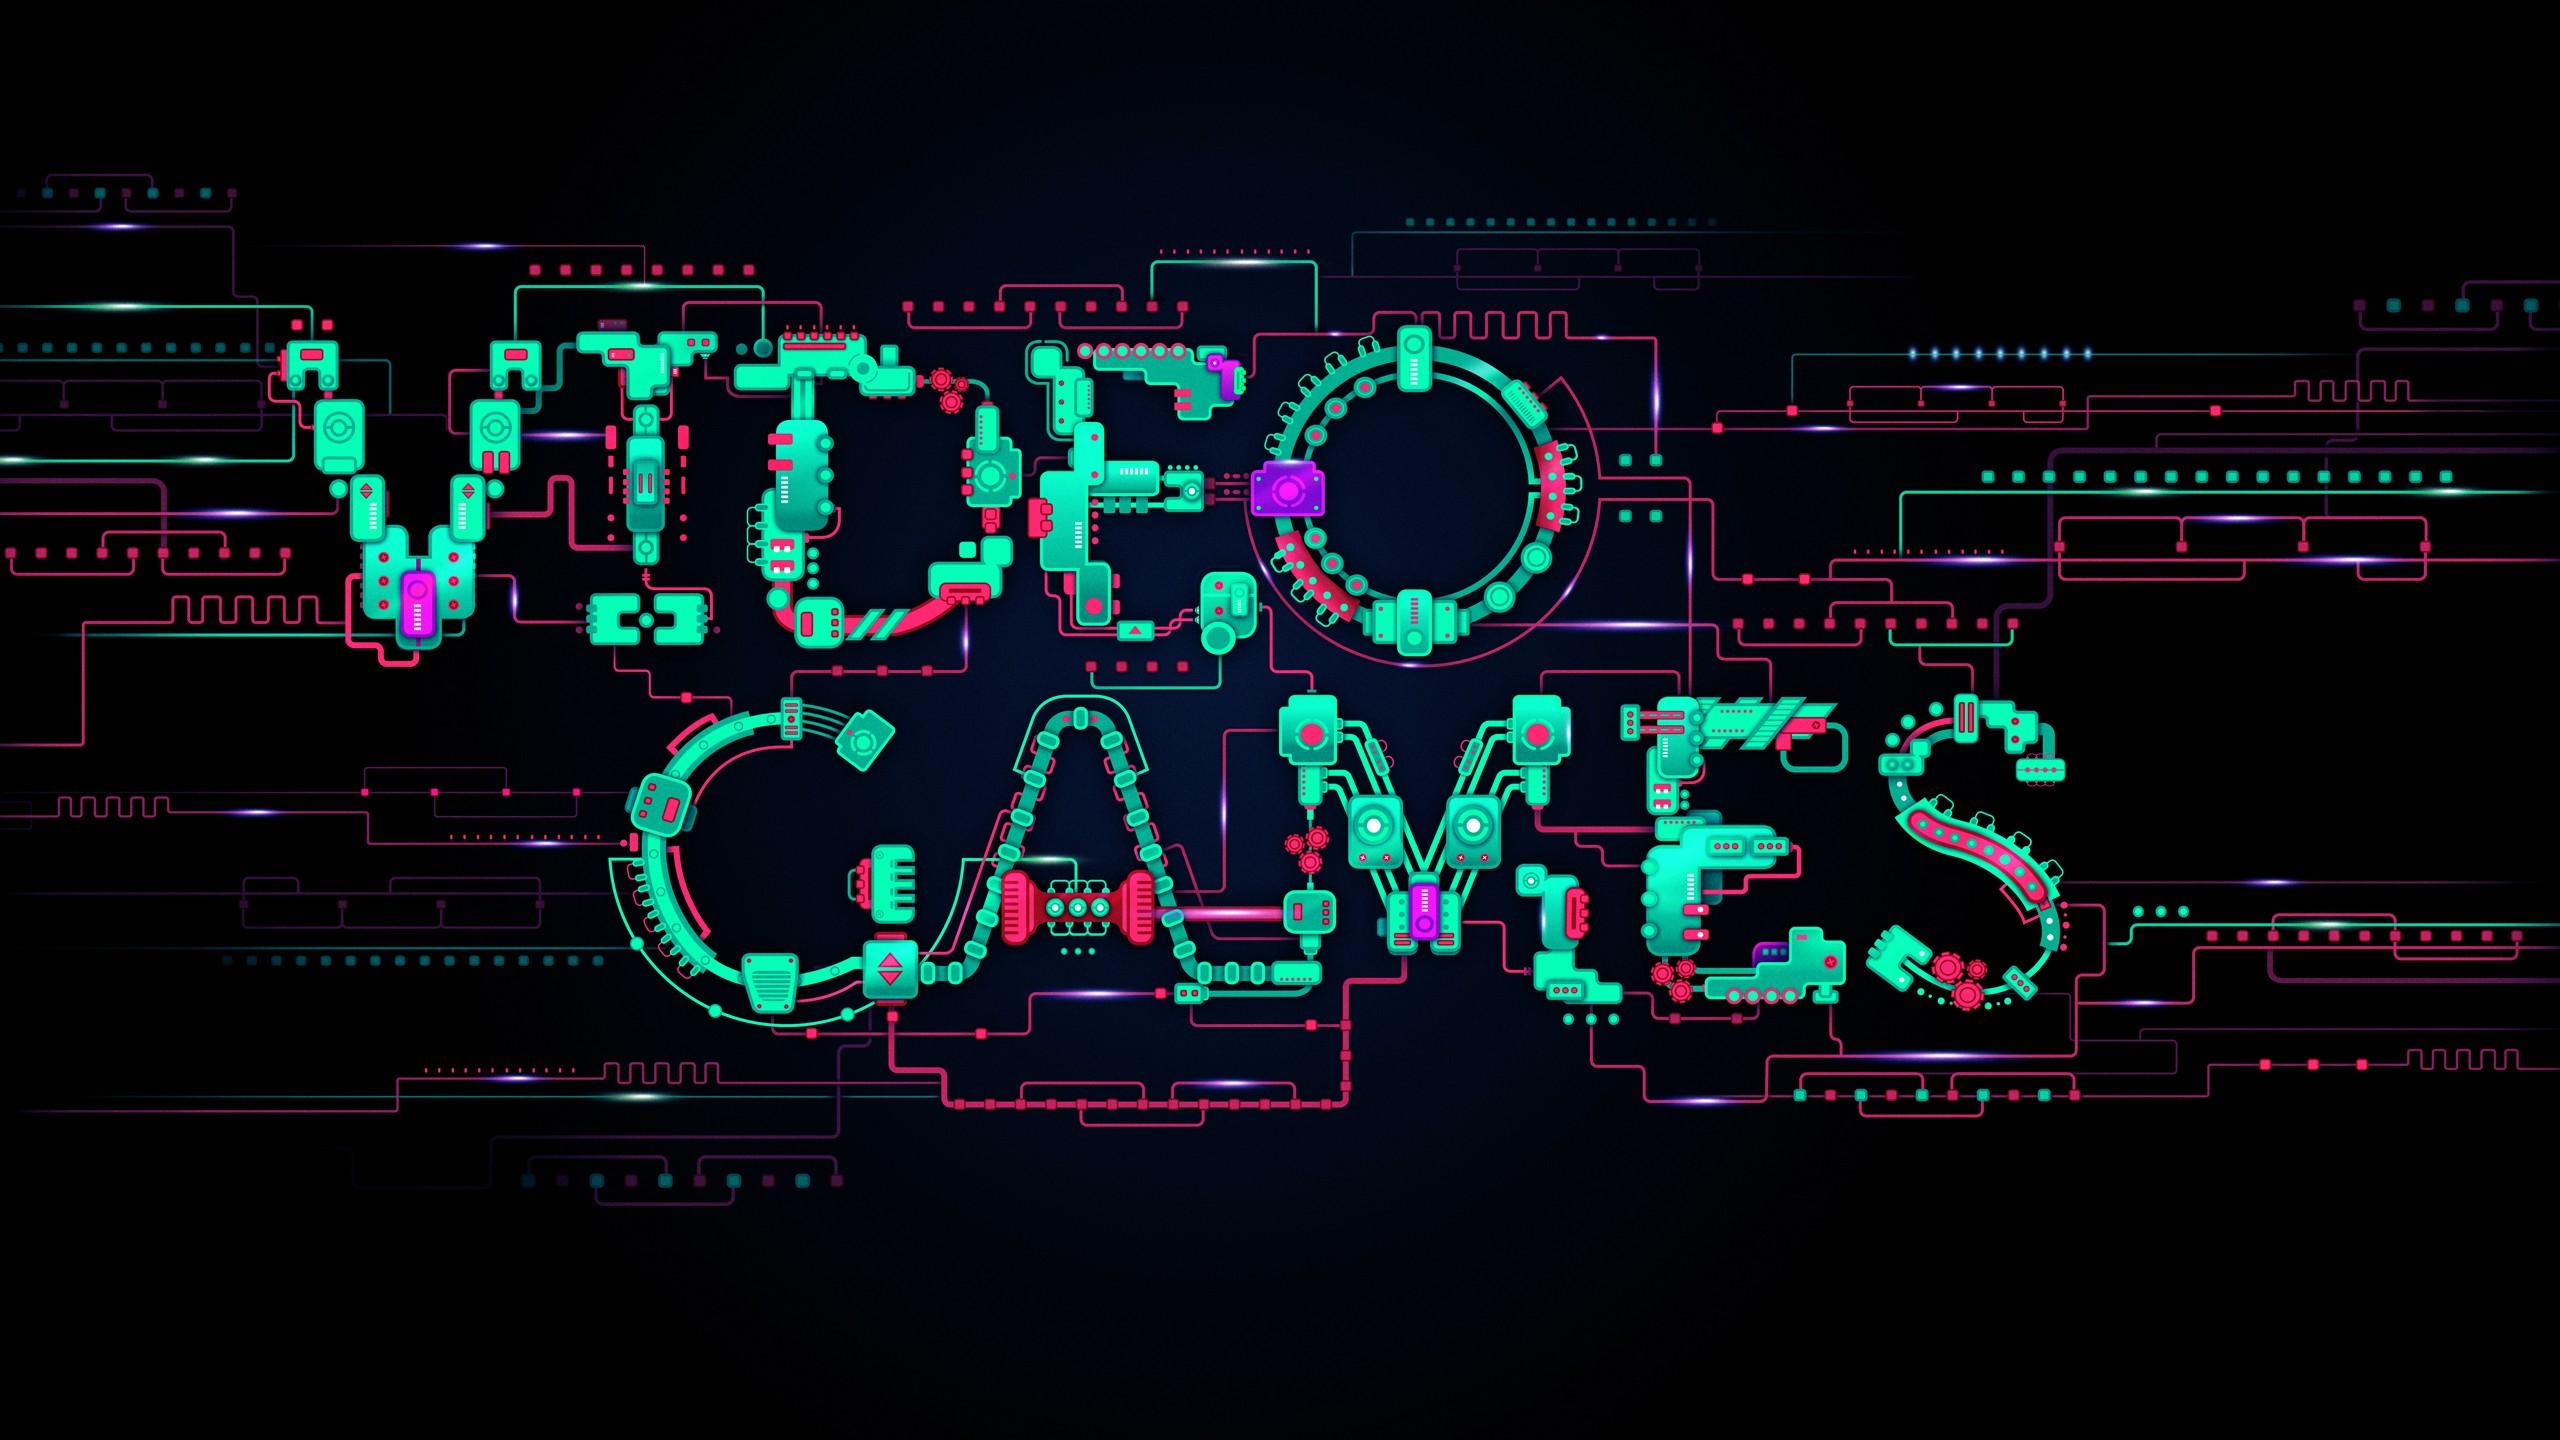 wwwpicstopincom25602560x1440 video games typography wallpaper 2560x1440